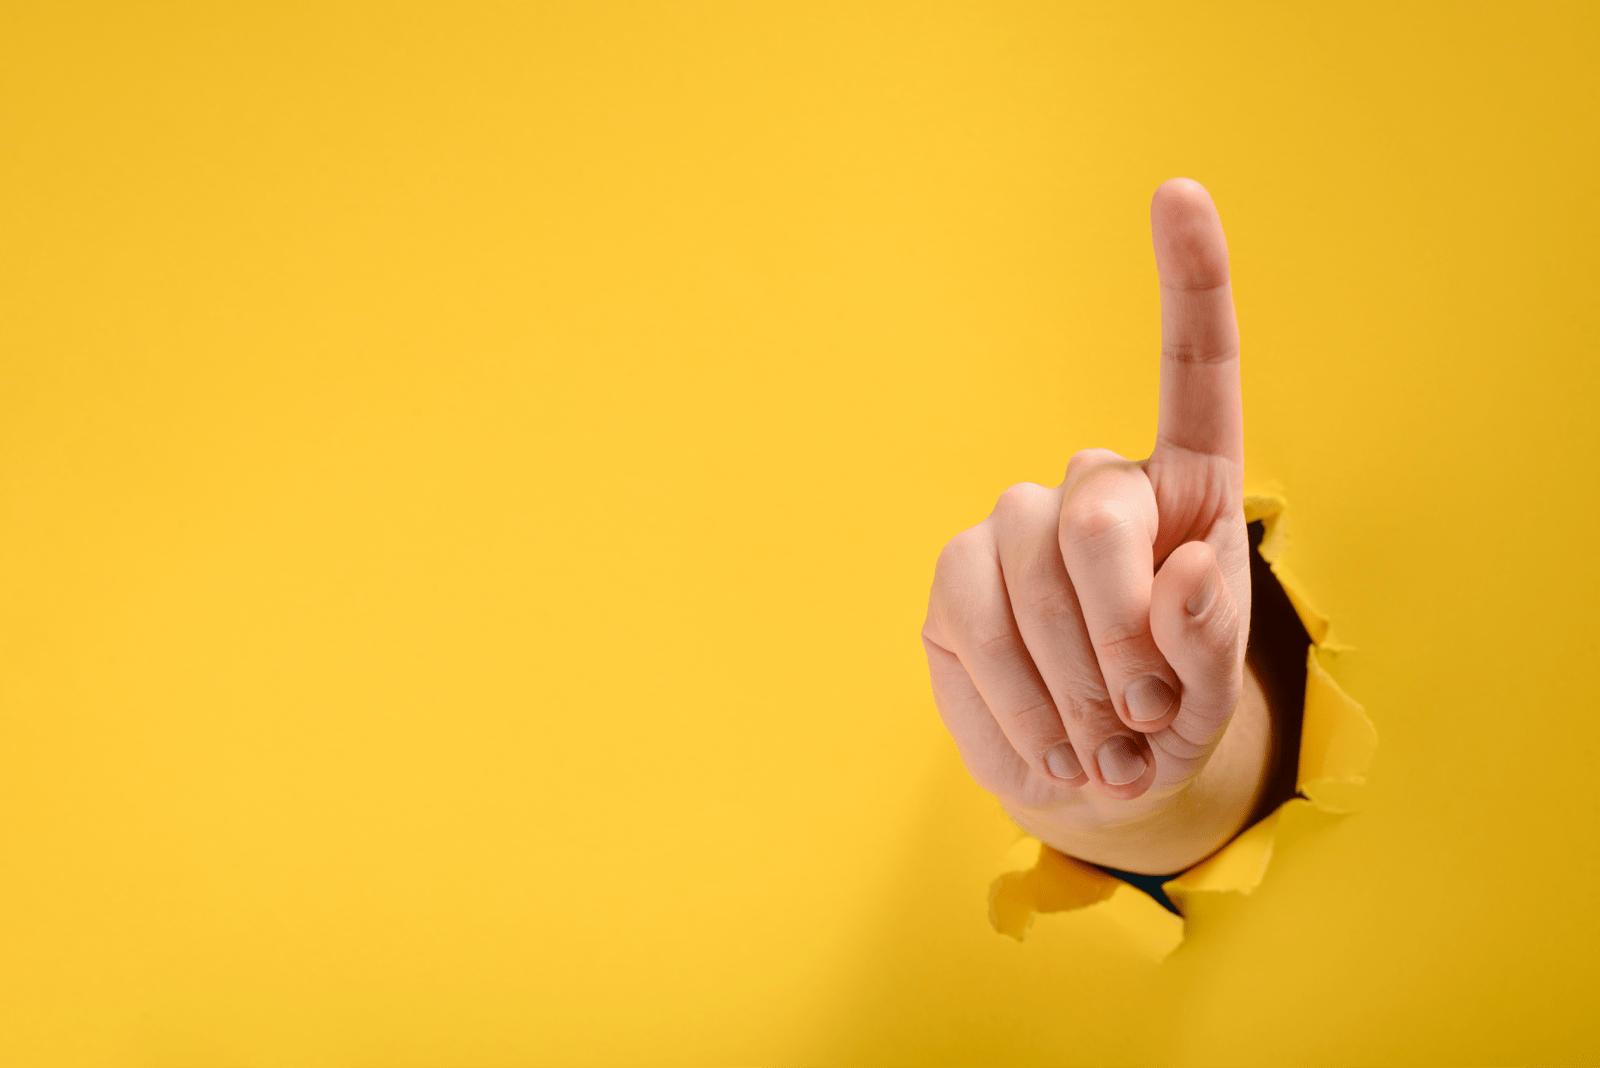 黄色い紙を突き破って人差し指を立てる